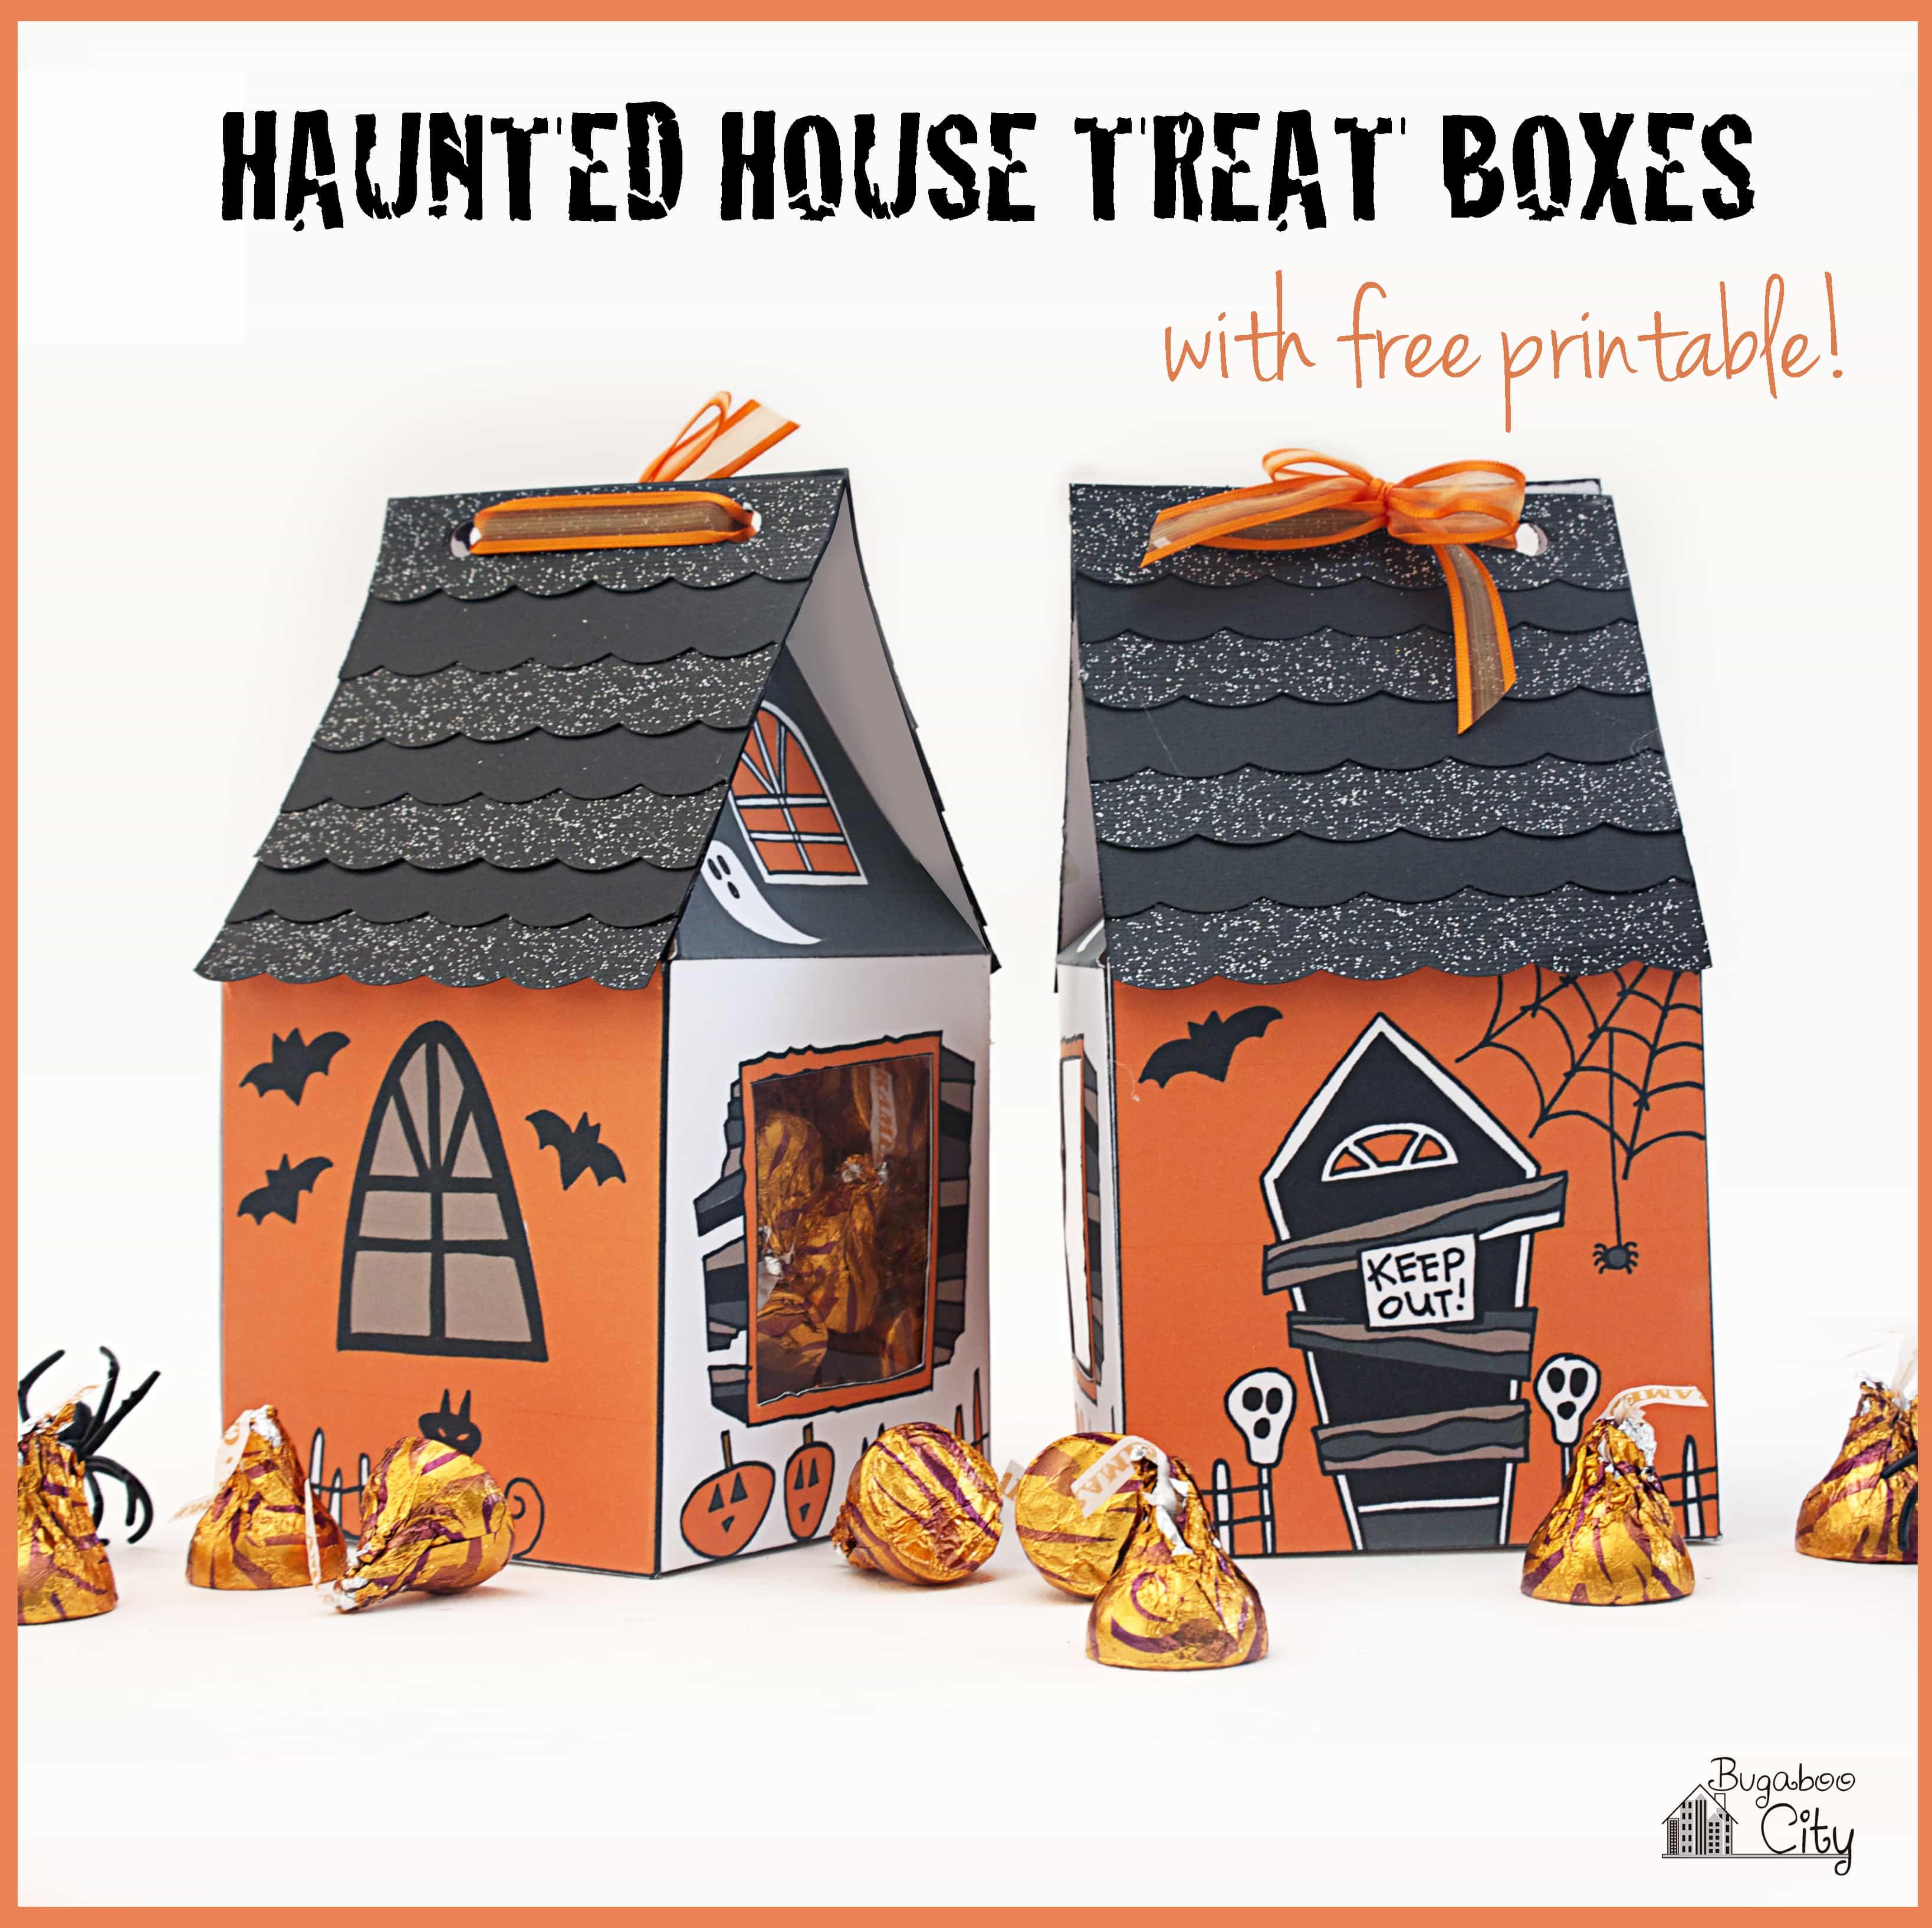 Treat Box House Text